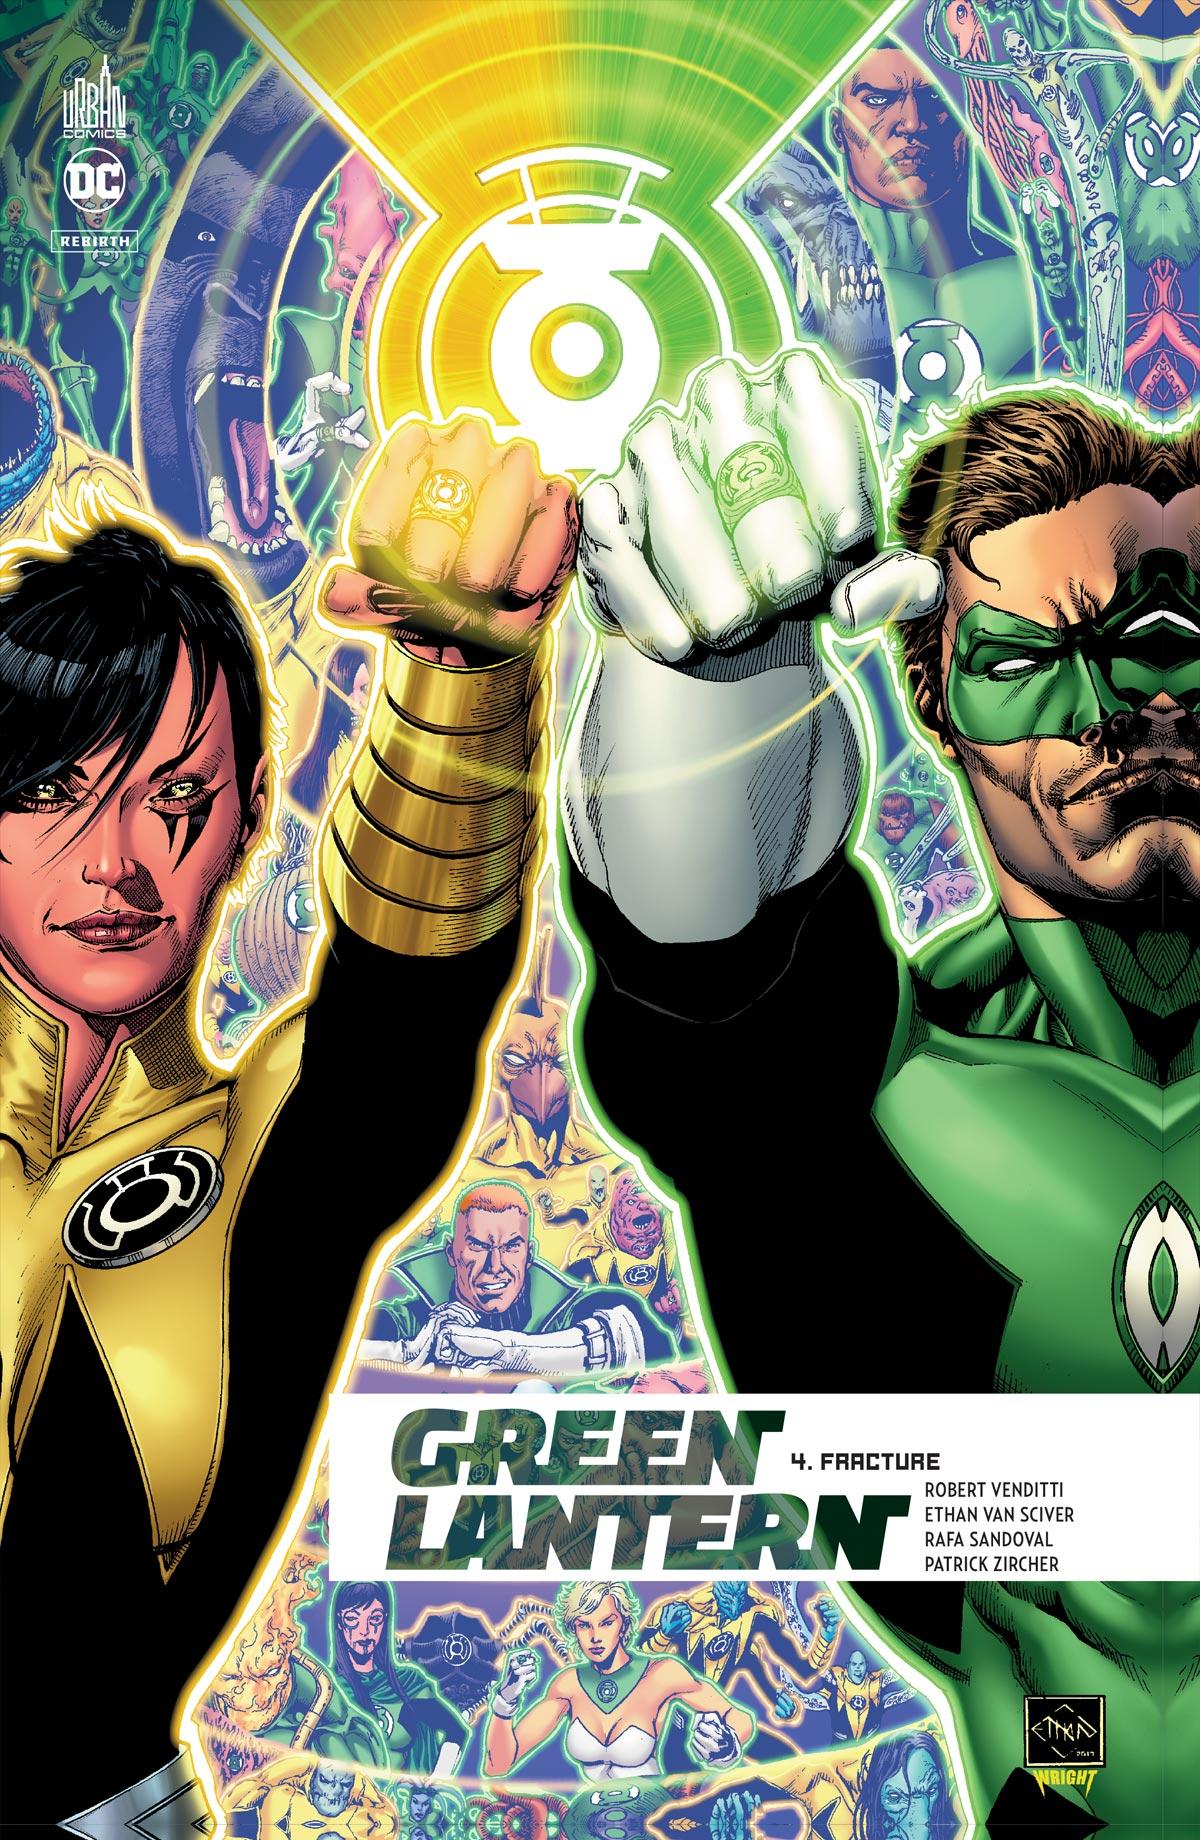 Green Lantern Rebirth 4 - Fracture